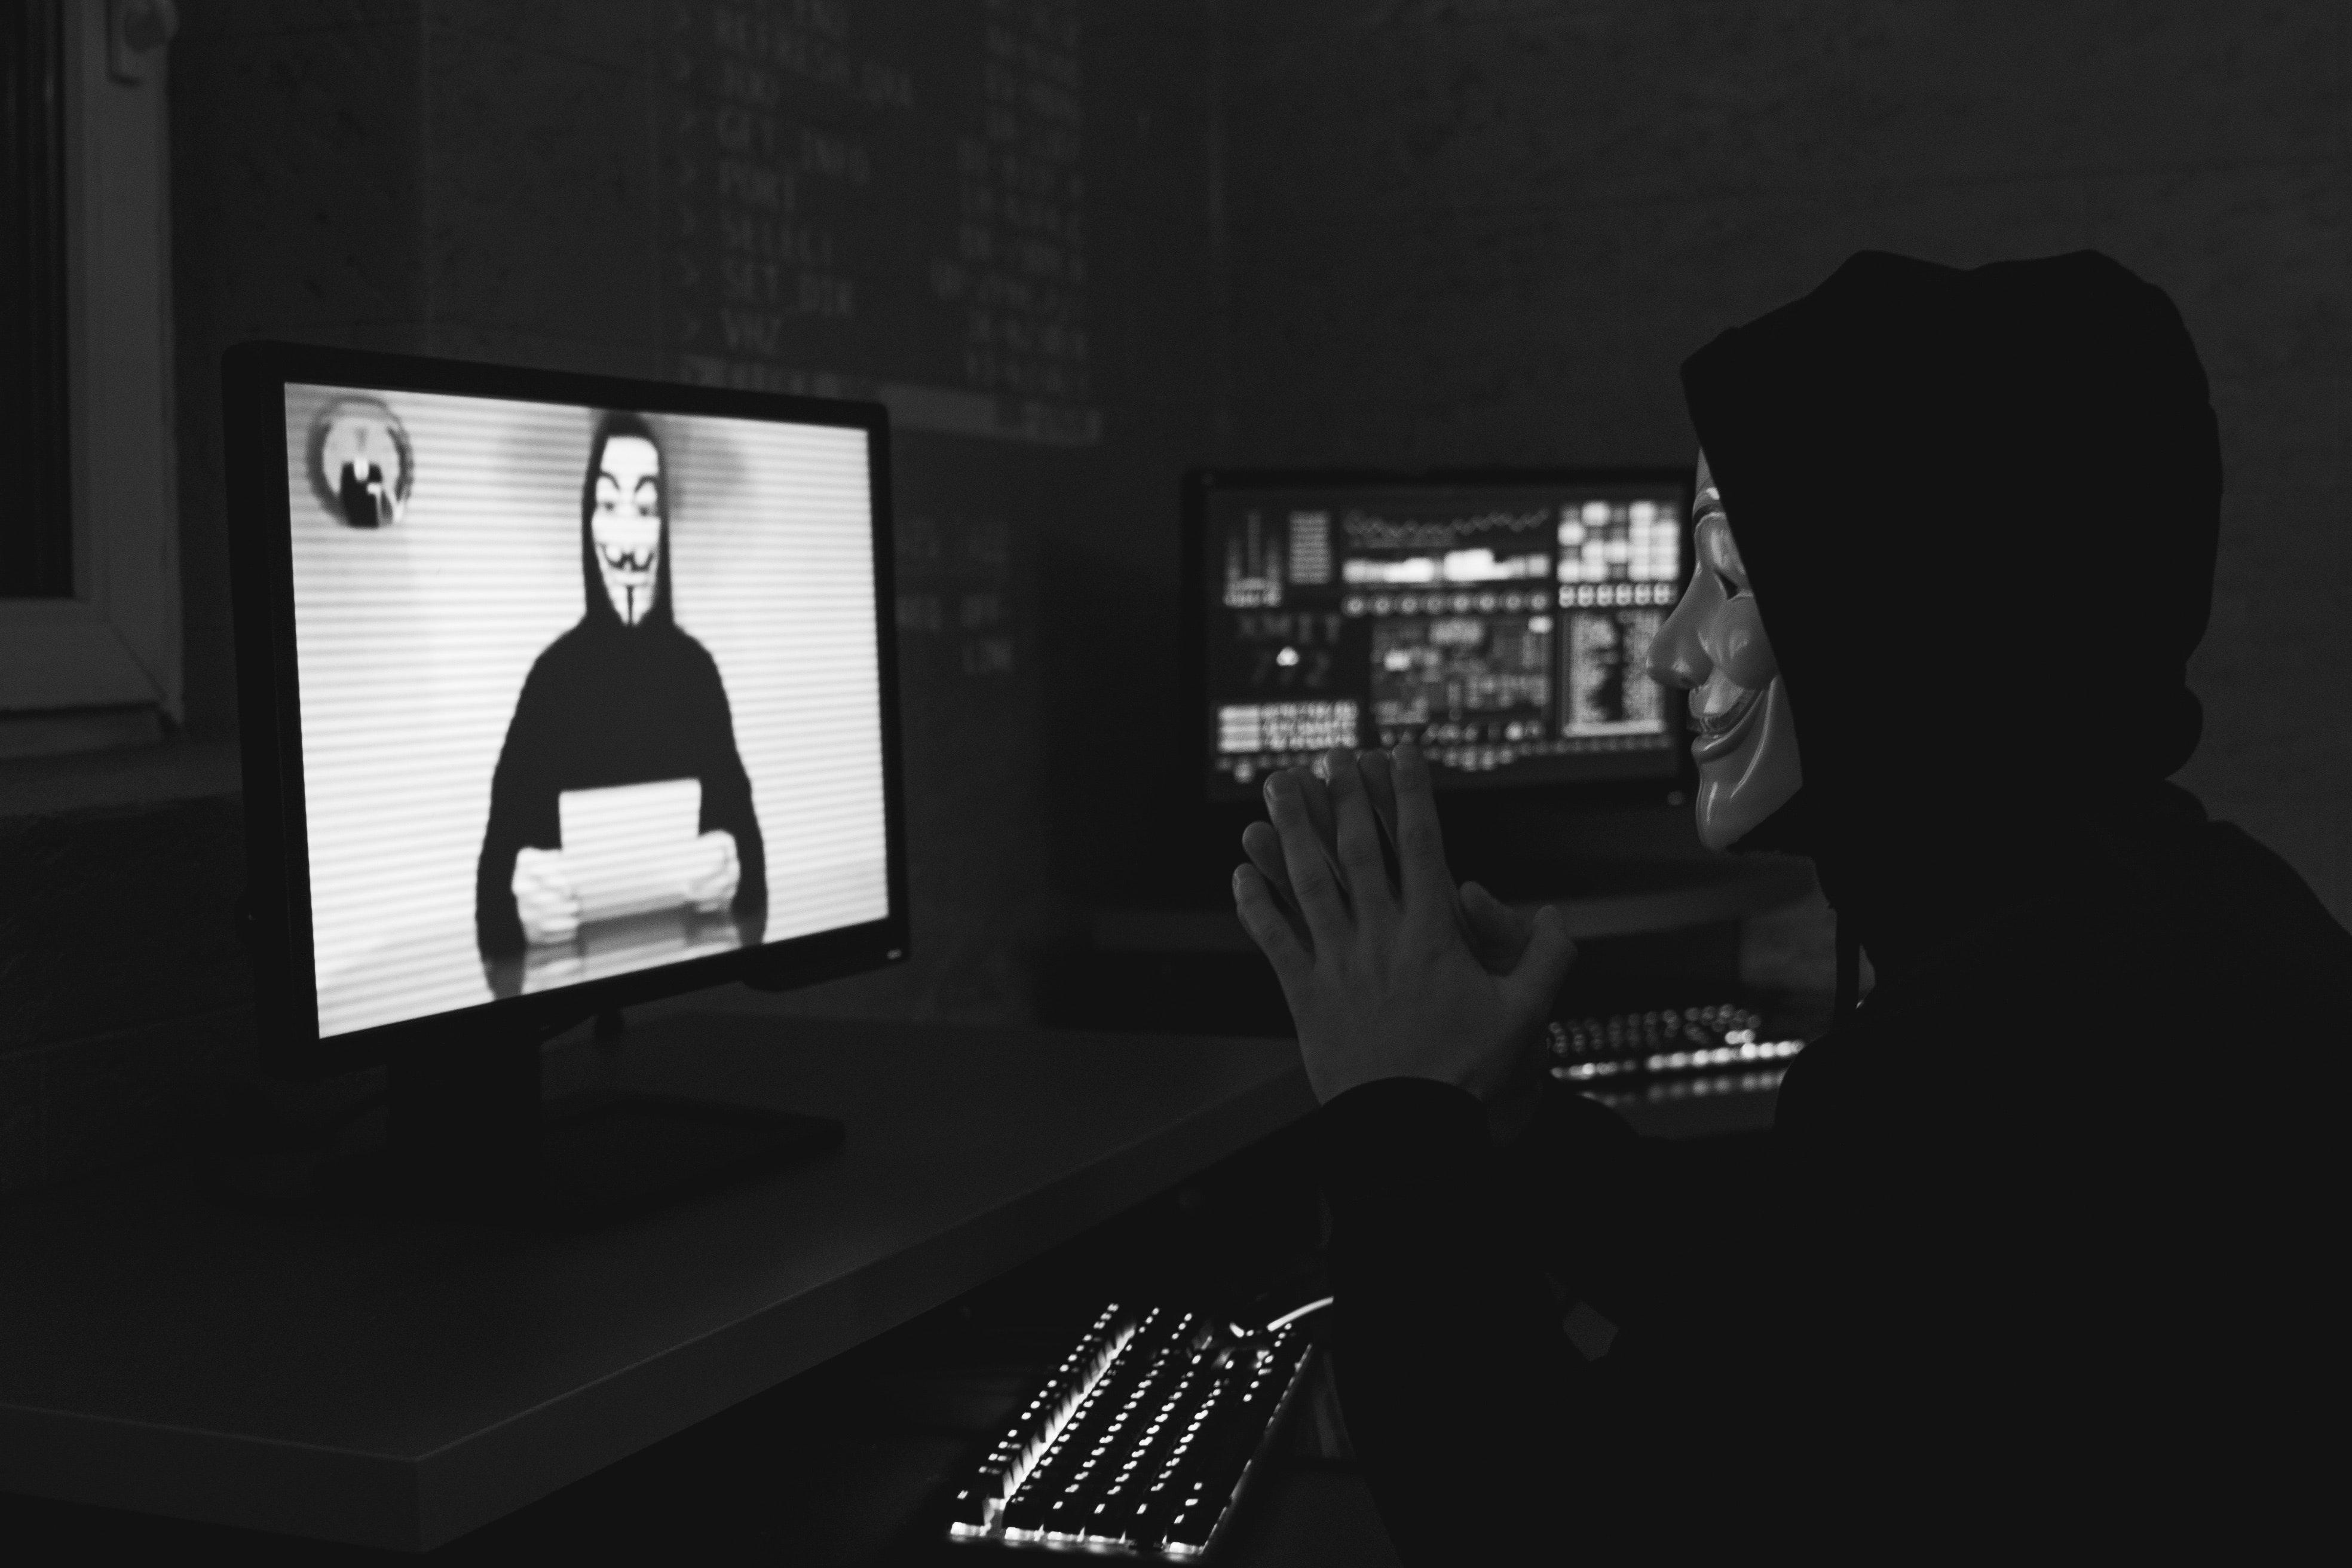 Wie kann man sich vor Ransomware-Angriffen schützen?